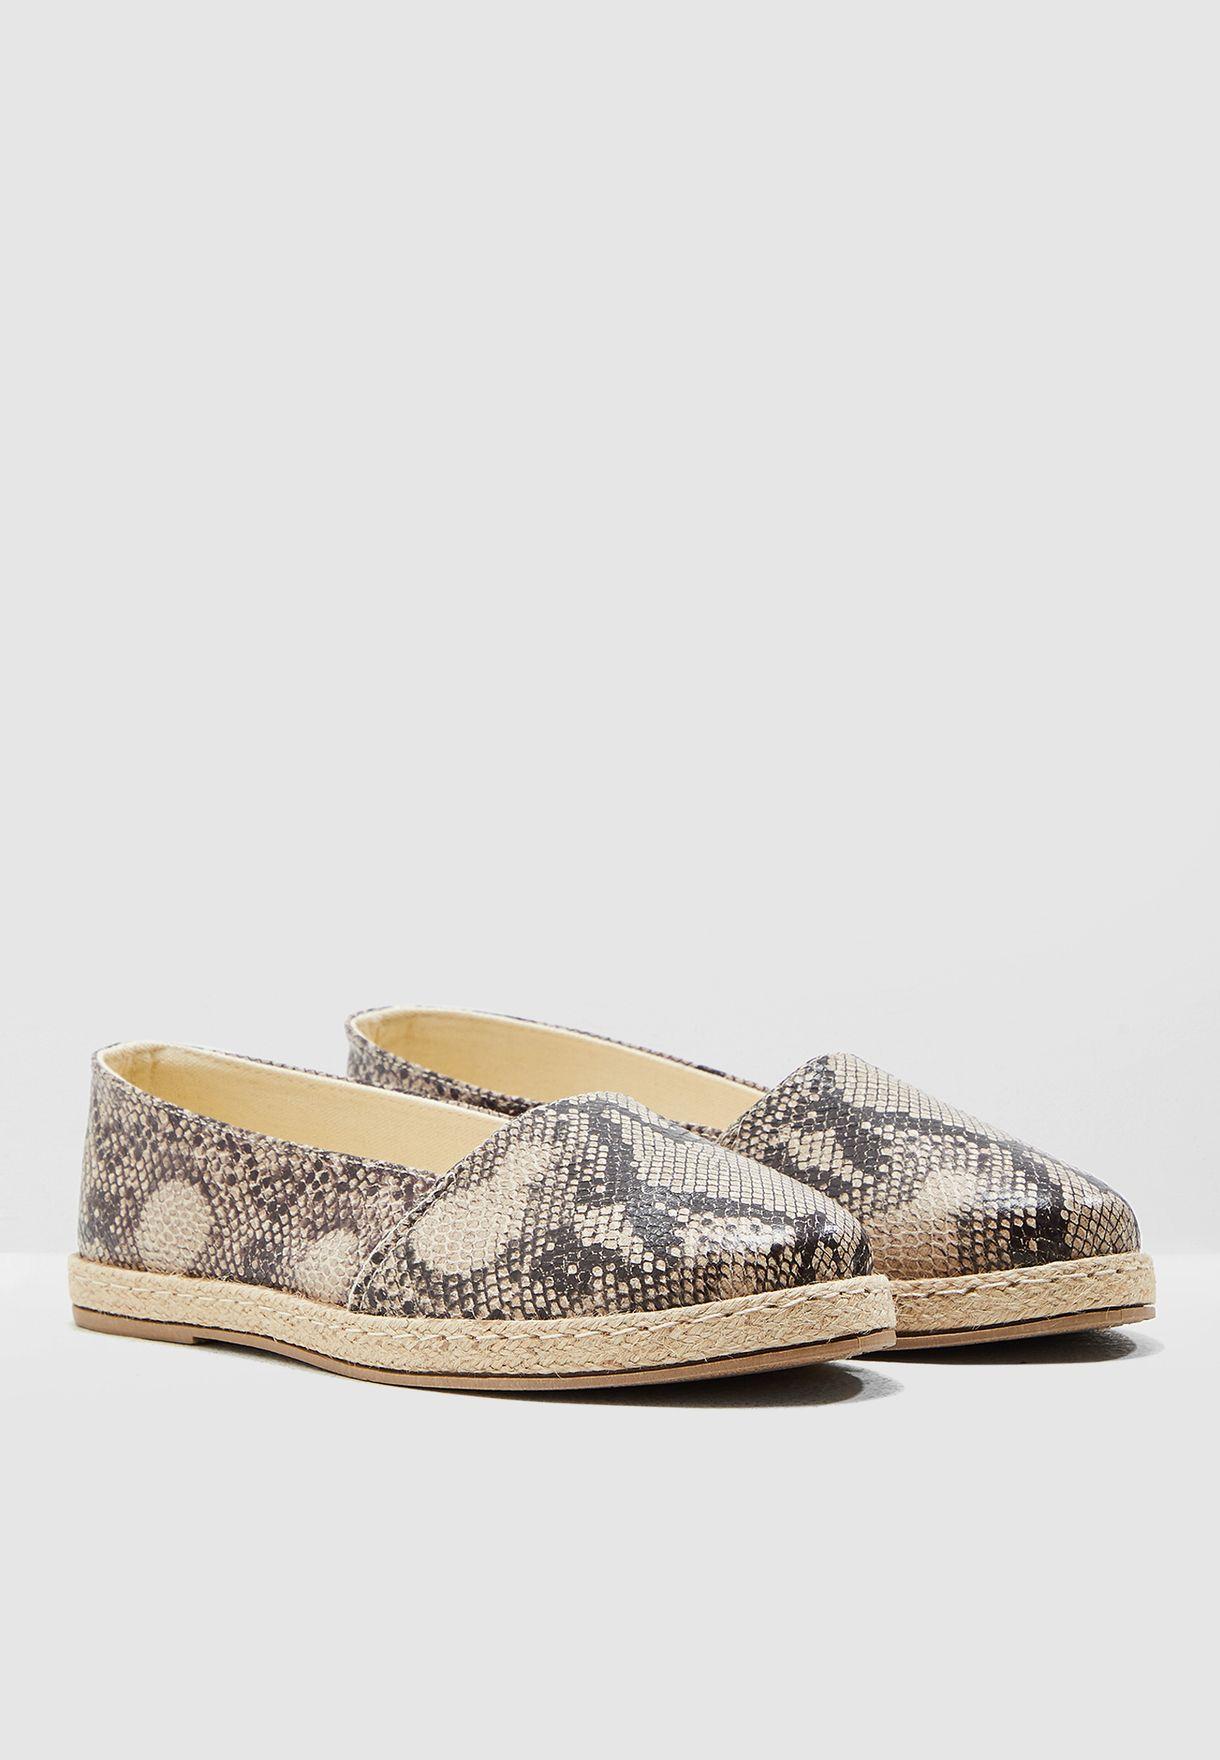 حذاء اسبادريل بطبعات جلد افعى